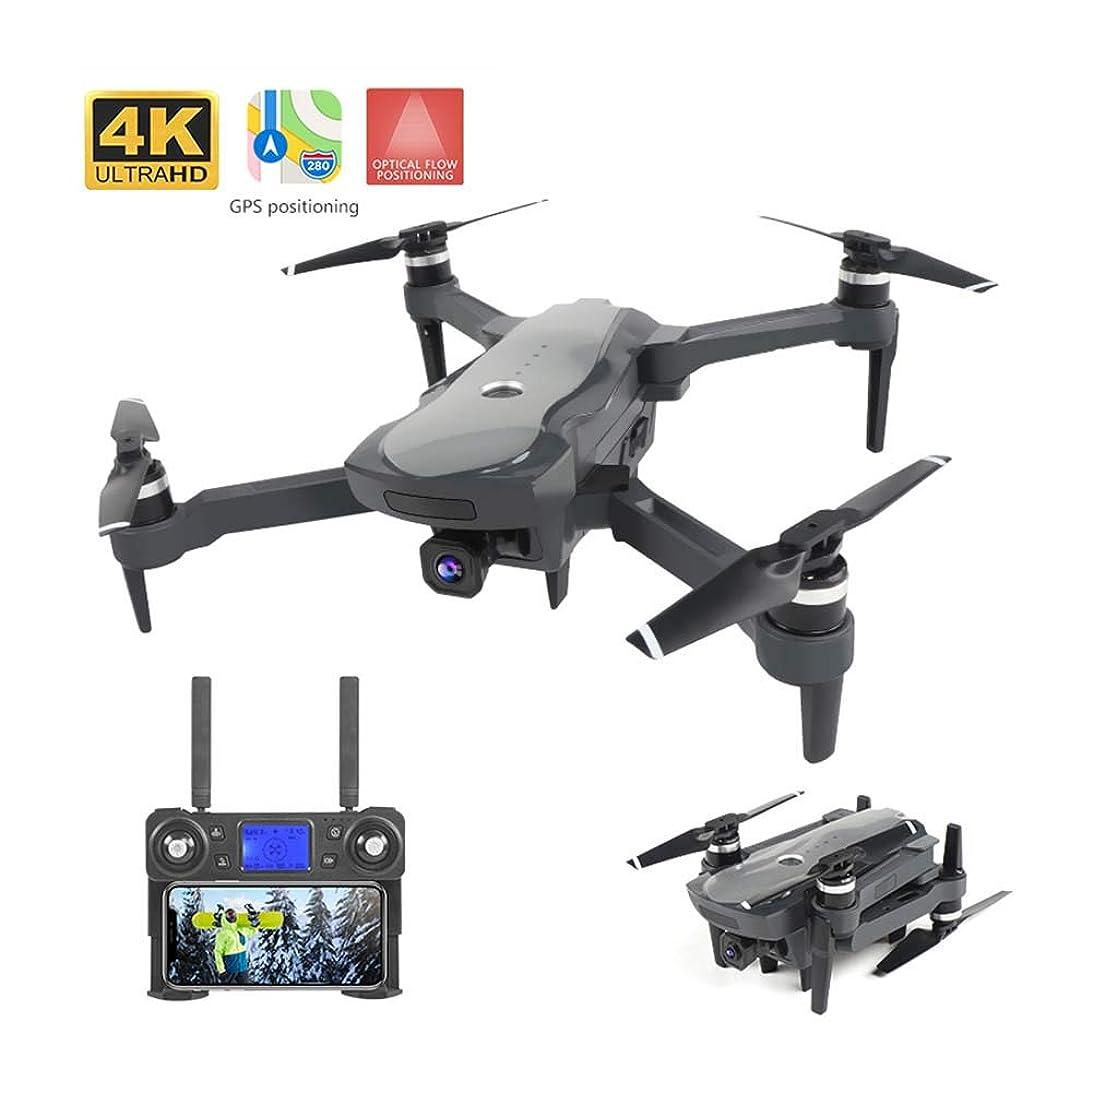 下にシエスタ退屈な4K HDドローン、ブラシレスモータ5G GPSドローンでデュアルカメラ、プロフェッショナル折り畳み式のクワッドローター1800M RC距離玩具